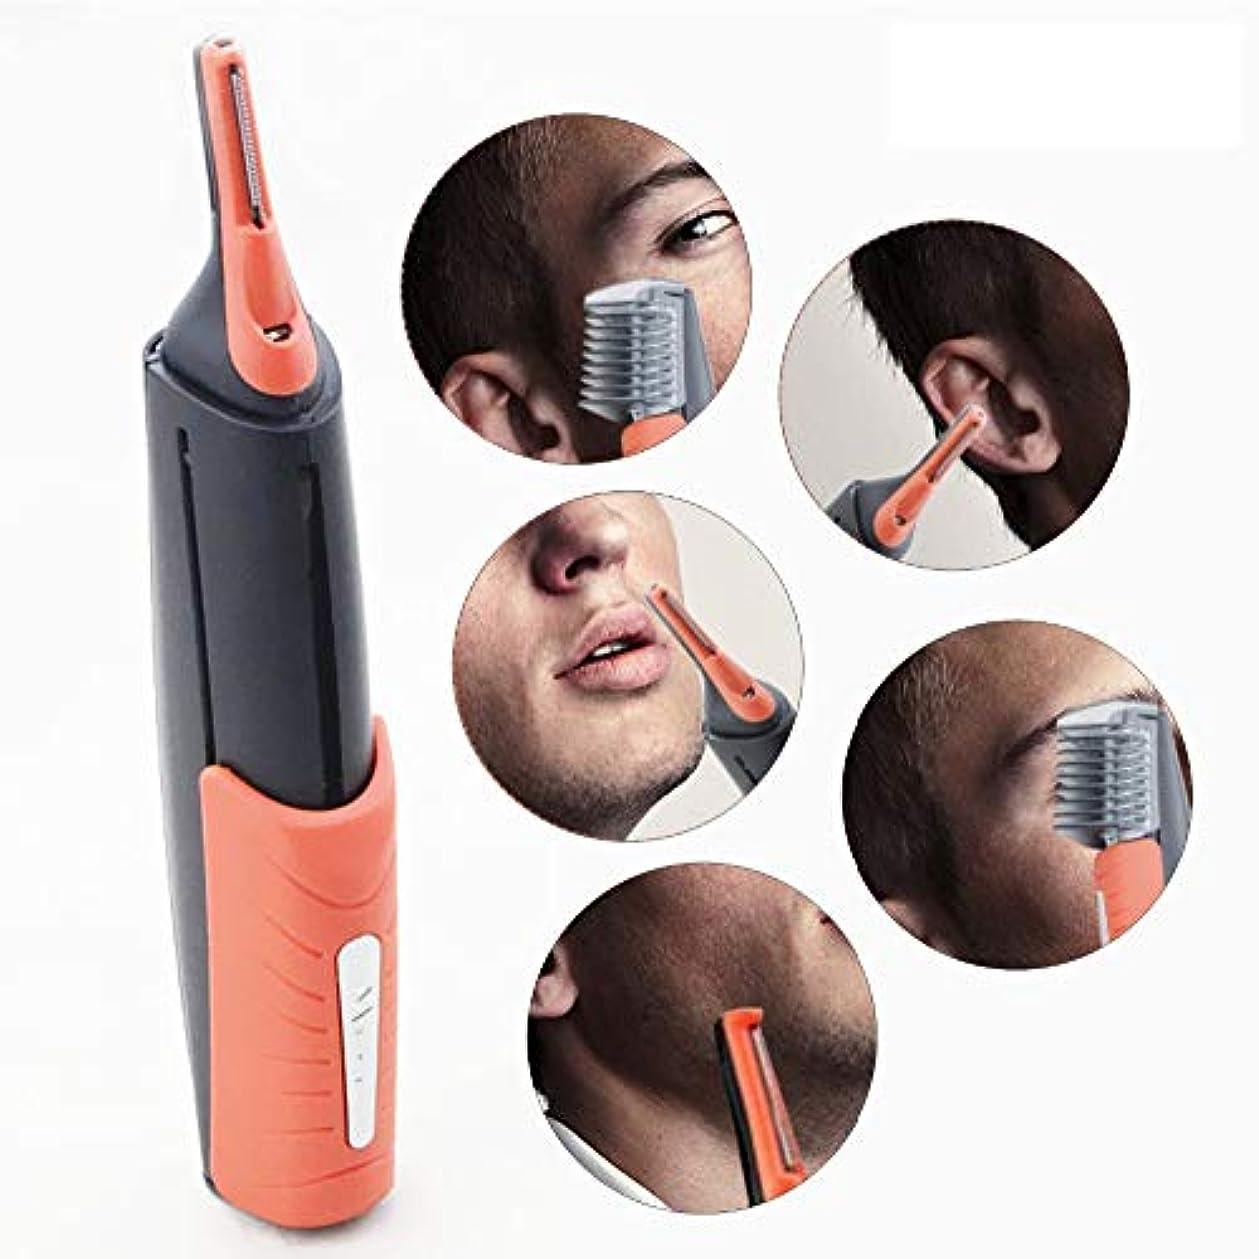 さびたシーン虚弱ミニチュア精密鼻毛トリマー、脱毛剤、カミソリ、ユニセックス、パーソナル電気フェイシャルトリートメント、LEDライト付き